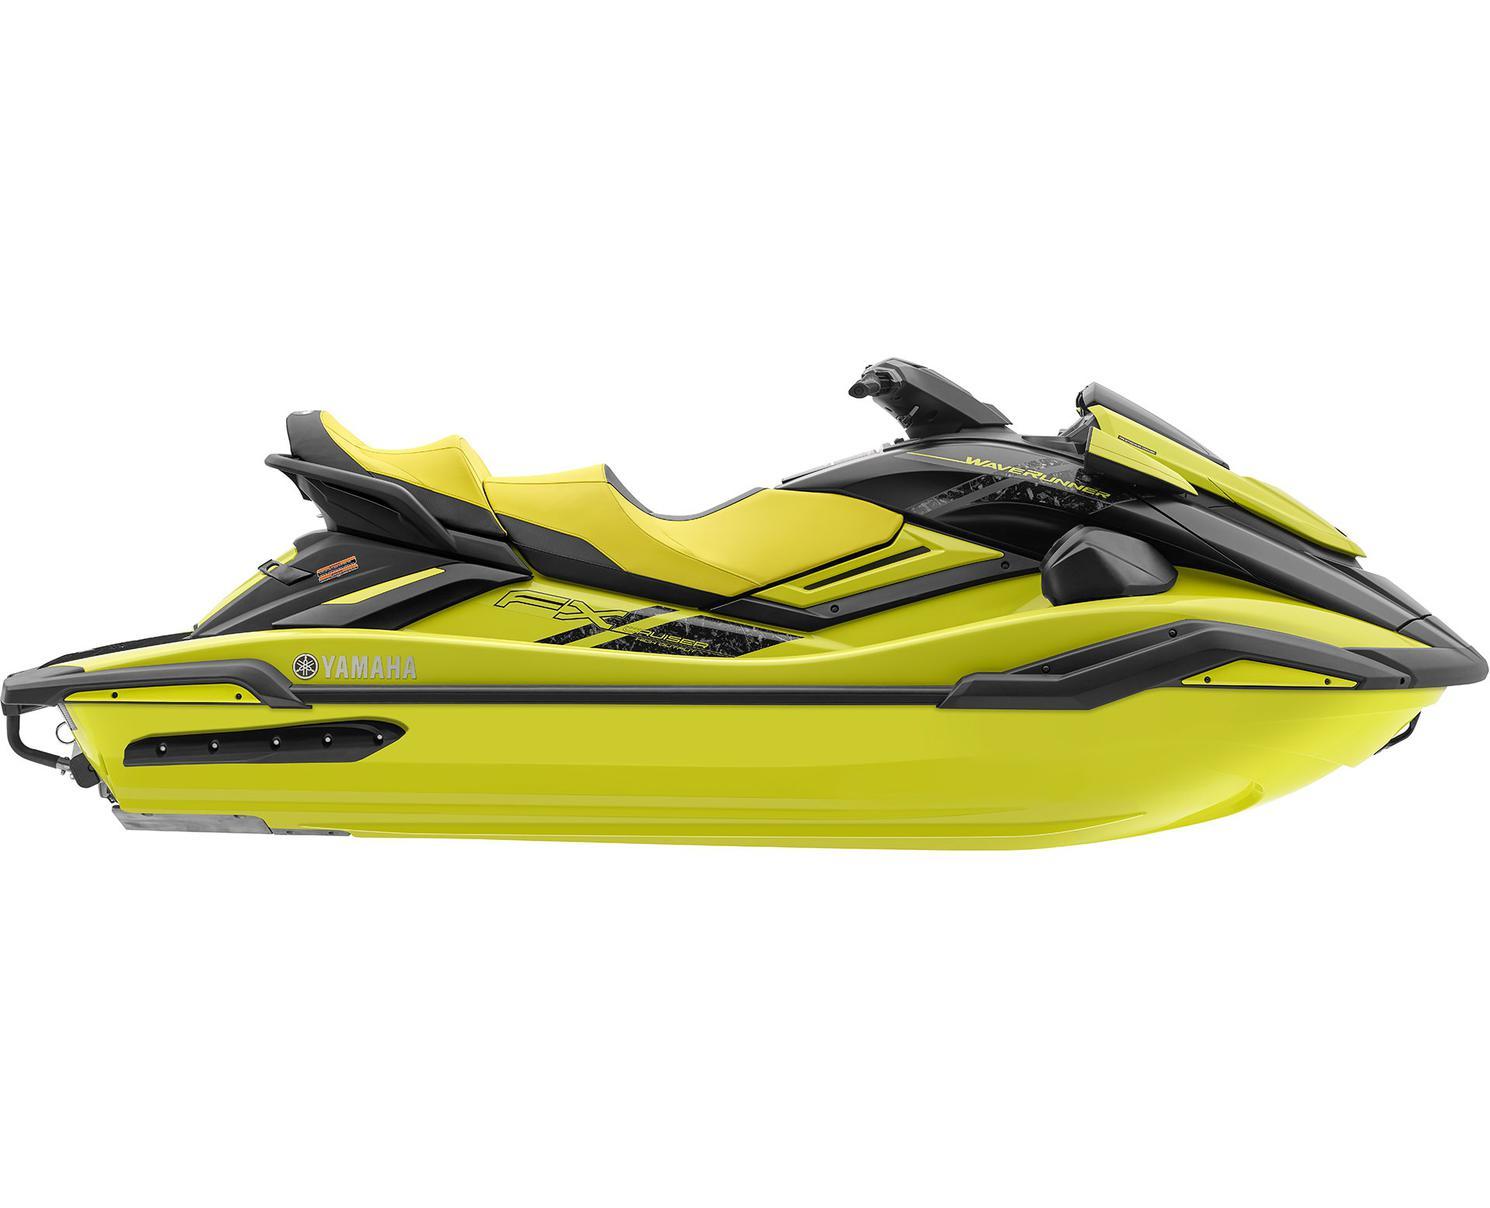 2022 Yamaha FX Cruiser HO Lime Yellow